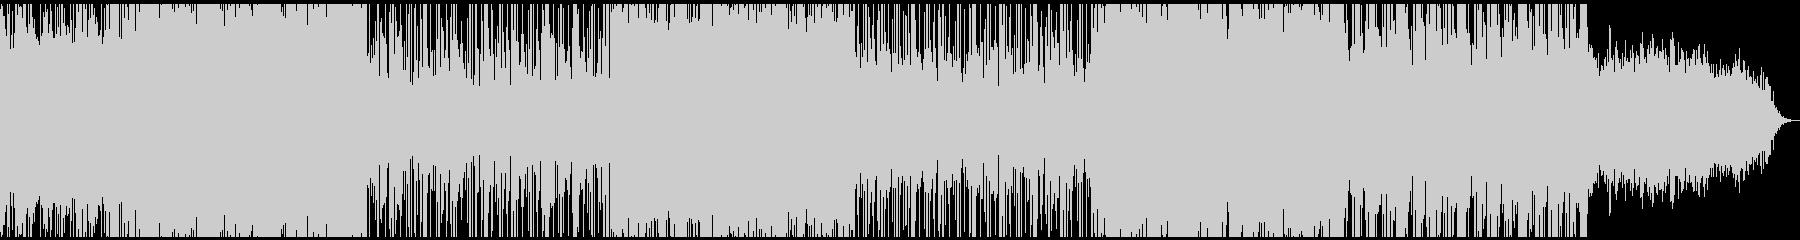 やさしく牧歌的な曲調のエレクトロの未再生の波形